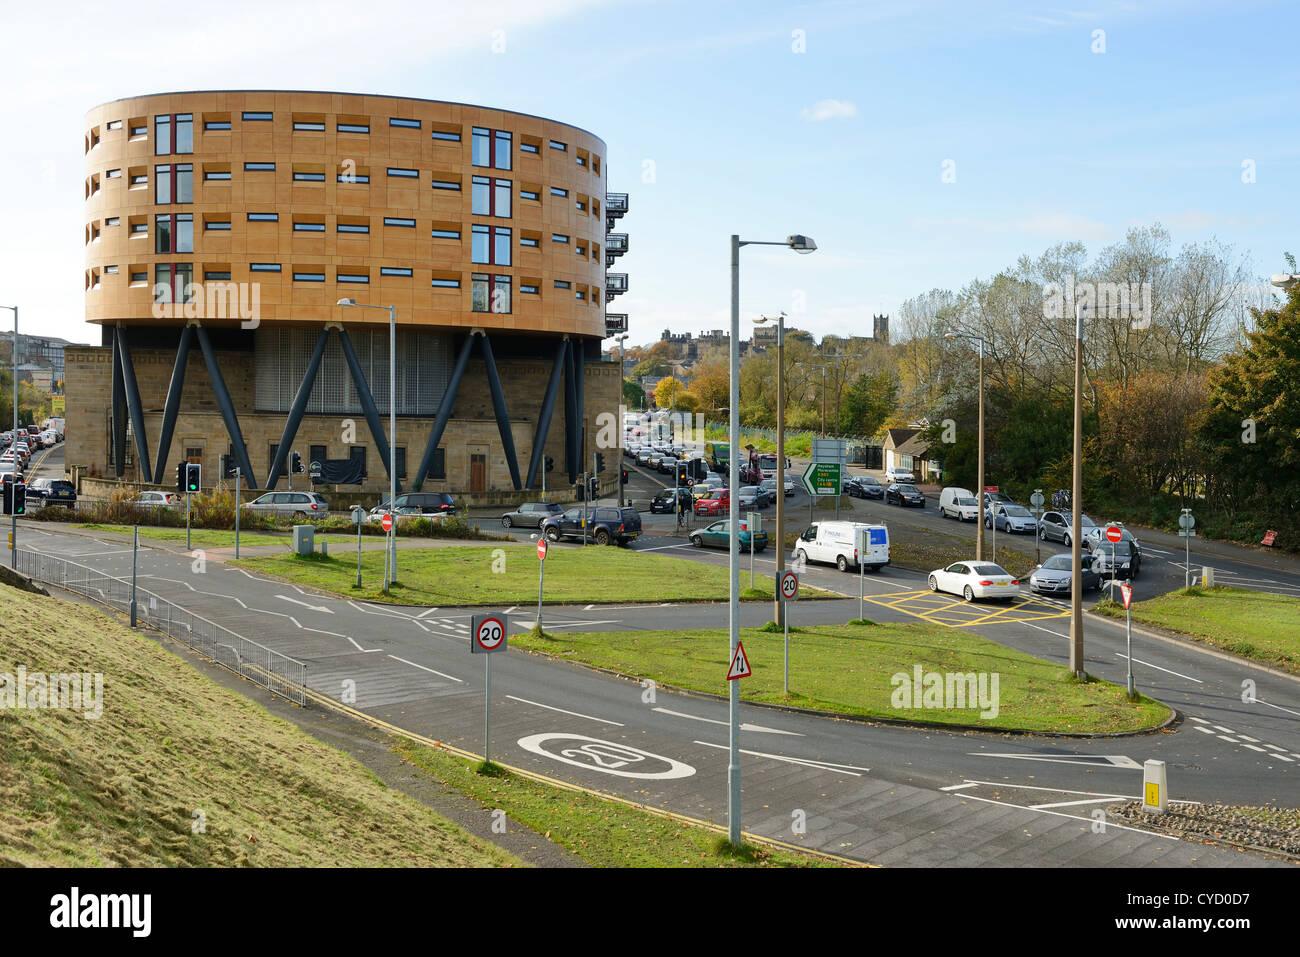 L'ancien dépôt de bus Kingsway apartments sur l'approche de centre-ville de Lancaster UK Photo Stock